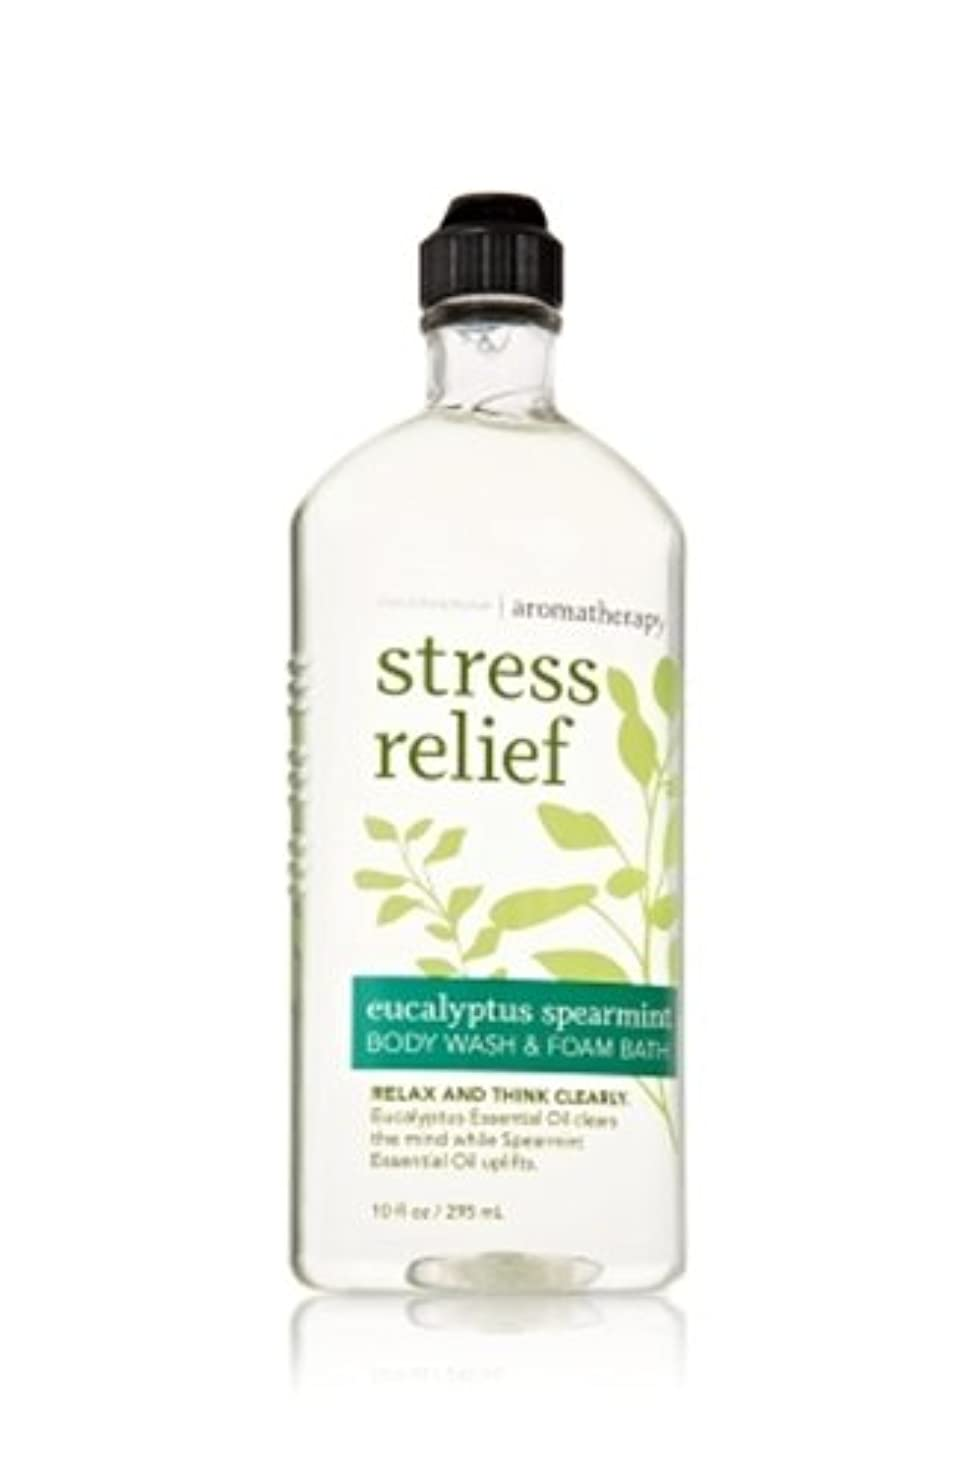 受け継ぐ無傷マスタード【Bath&Body Works/バス&ボディワークス】 ボディウォッシュ&フォームバス アロマセラピー ストレスリリーフ ユーカリスペアミント Body Wash & Foam Bath Aromatherapy Stress...